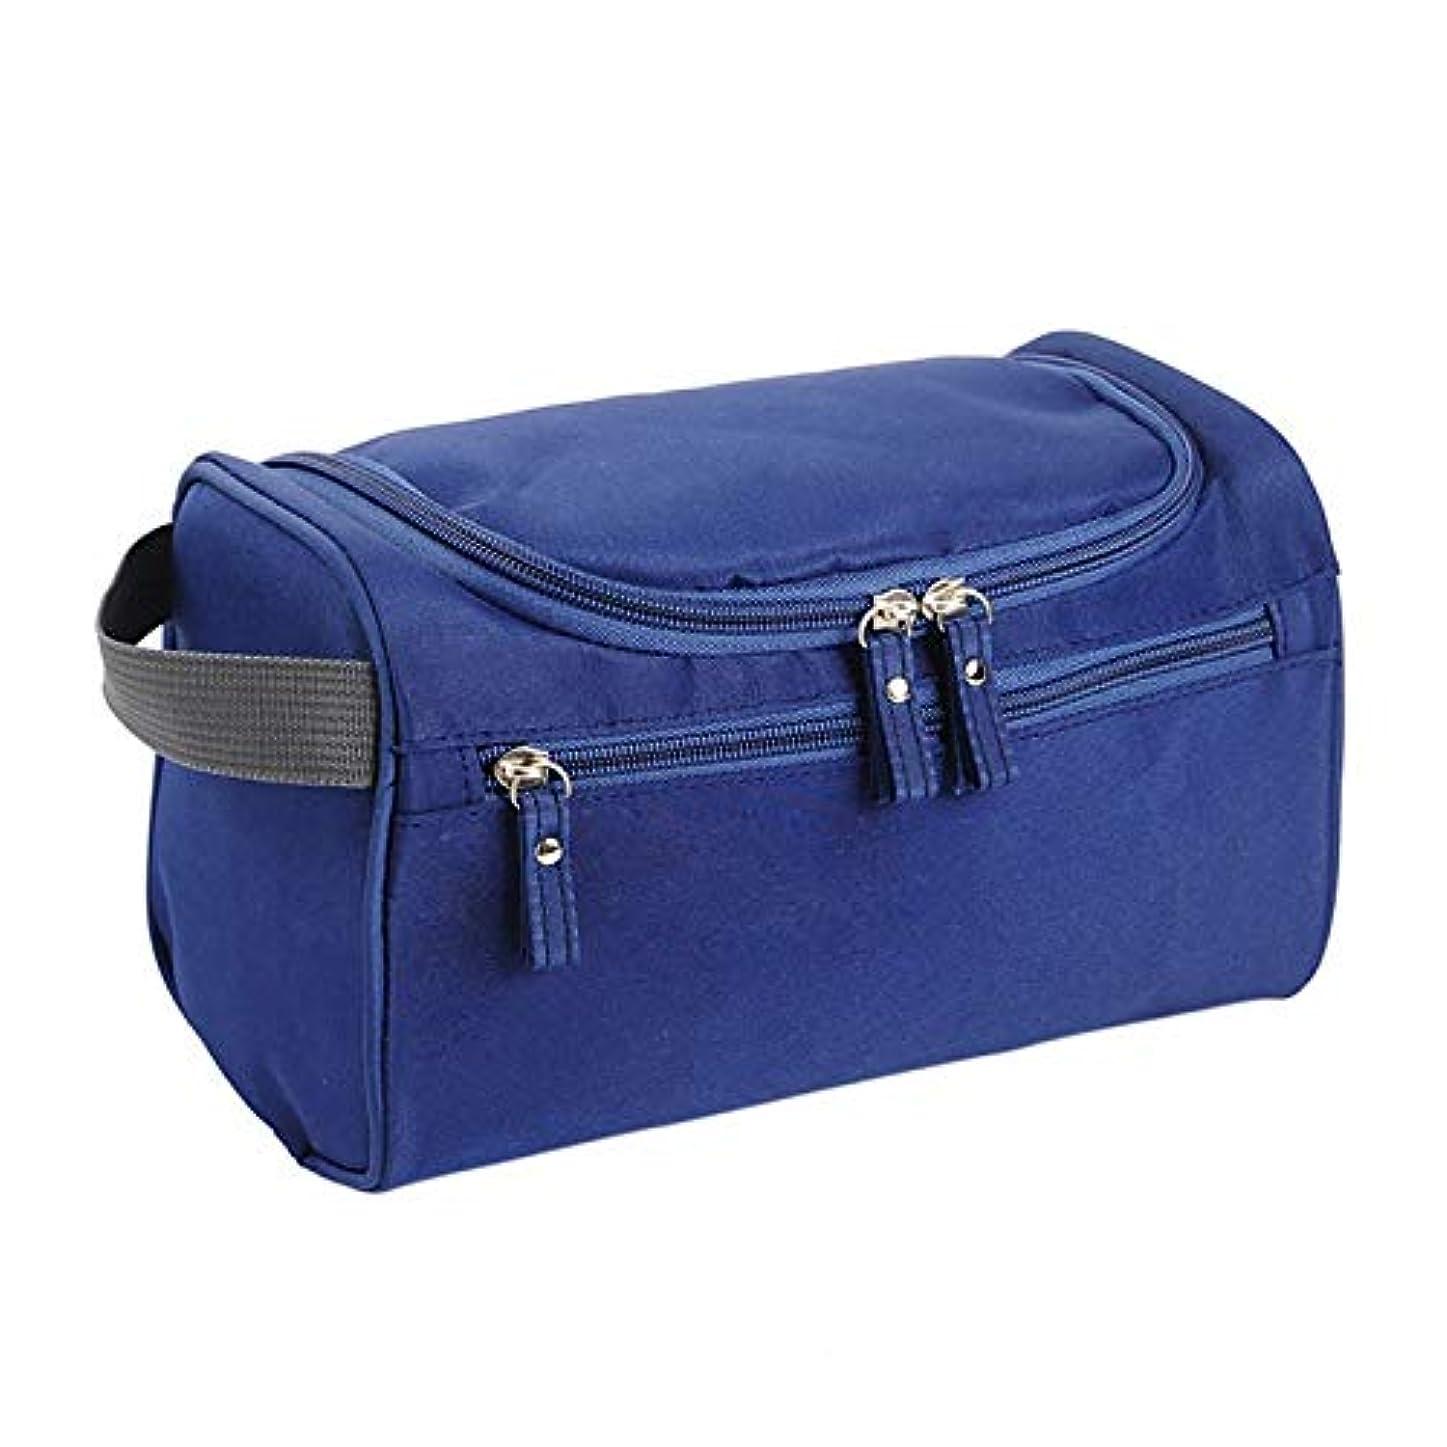 揮発性デンプシー絞る化粧品袋 化粧品袋男性旅行防水収納レディウォッシュバッグ美容師オーガナイザー化粧バッグ